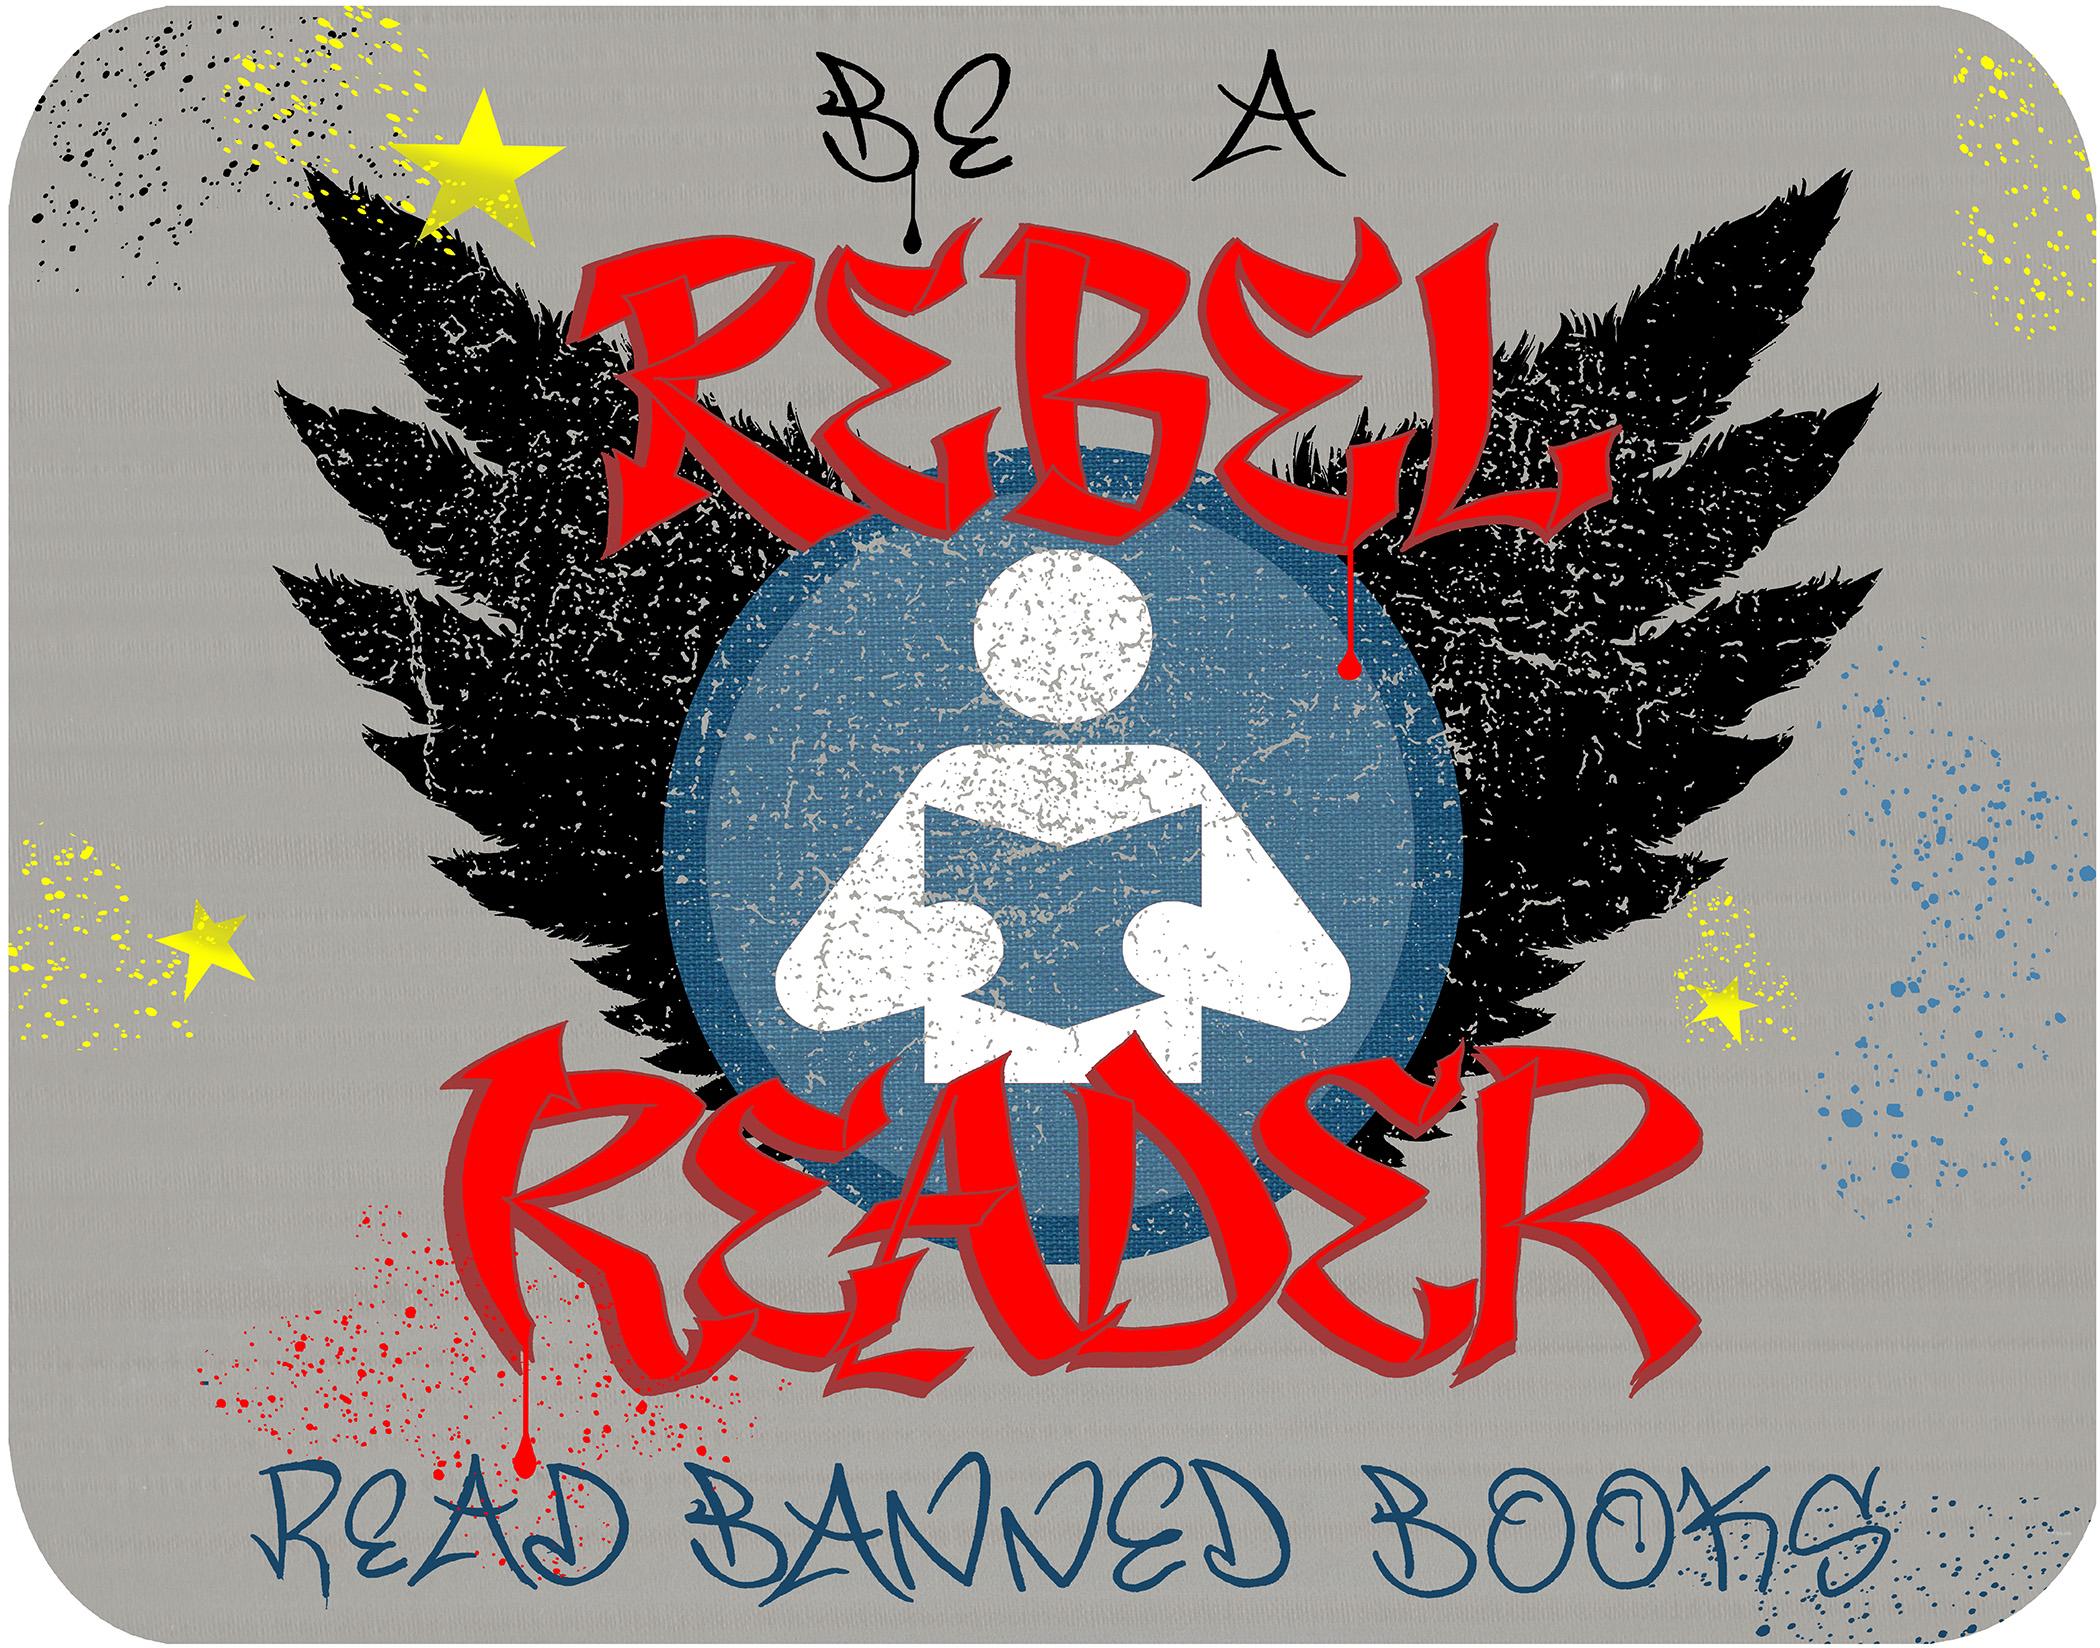 Rebel Reader Banned Books (horizontal)